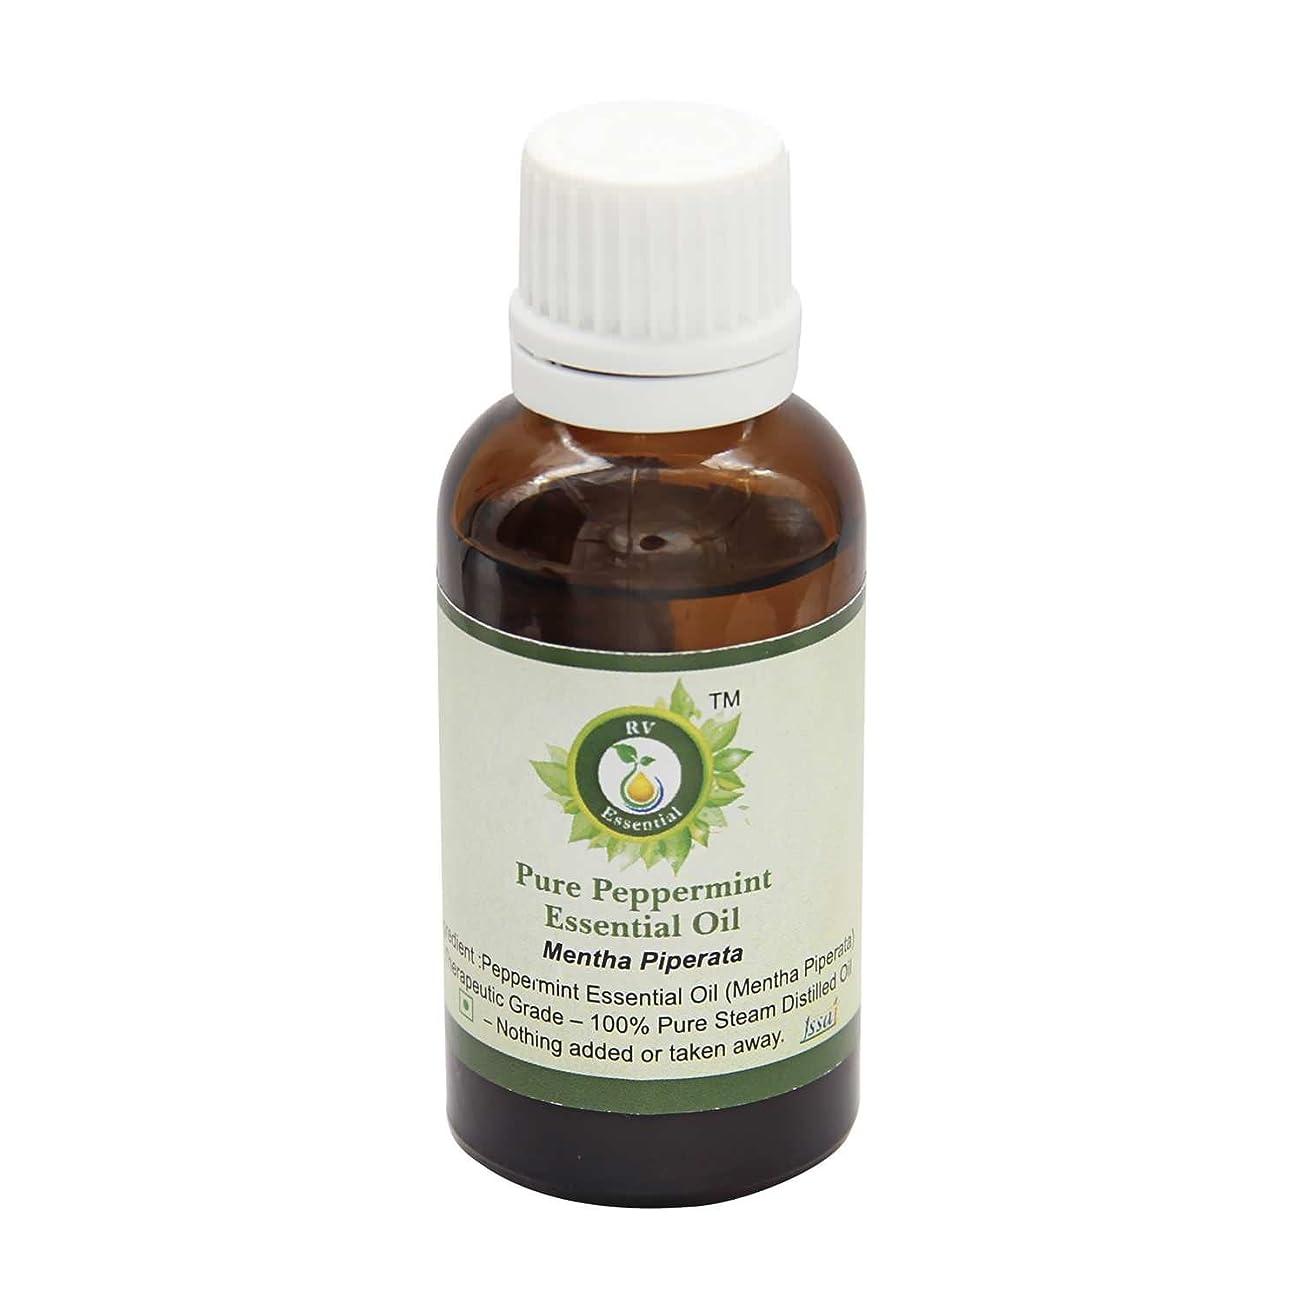 アニメーション有名マニュアルR V Essential 純粋なペパーミントエッセンシャルオイル630ml (21oz)- Mentha Piperata (100%純粋&天然スチームDistilled) Pure Peppermint Essential Oil